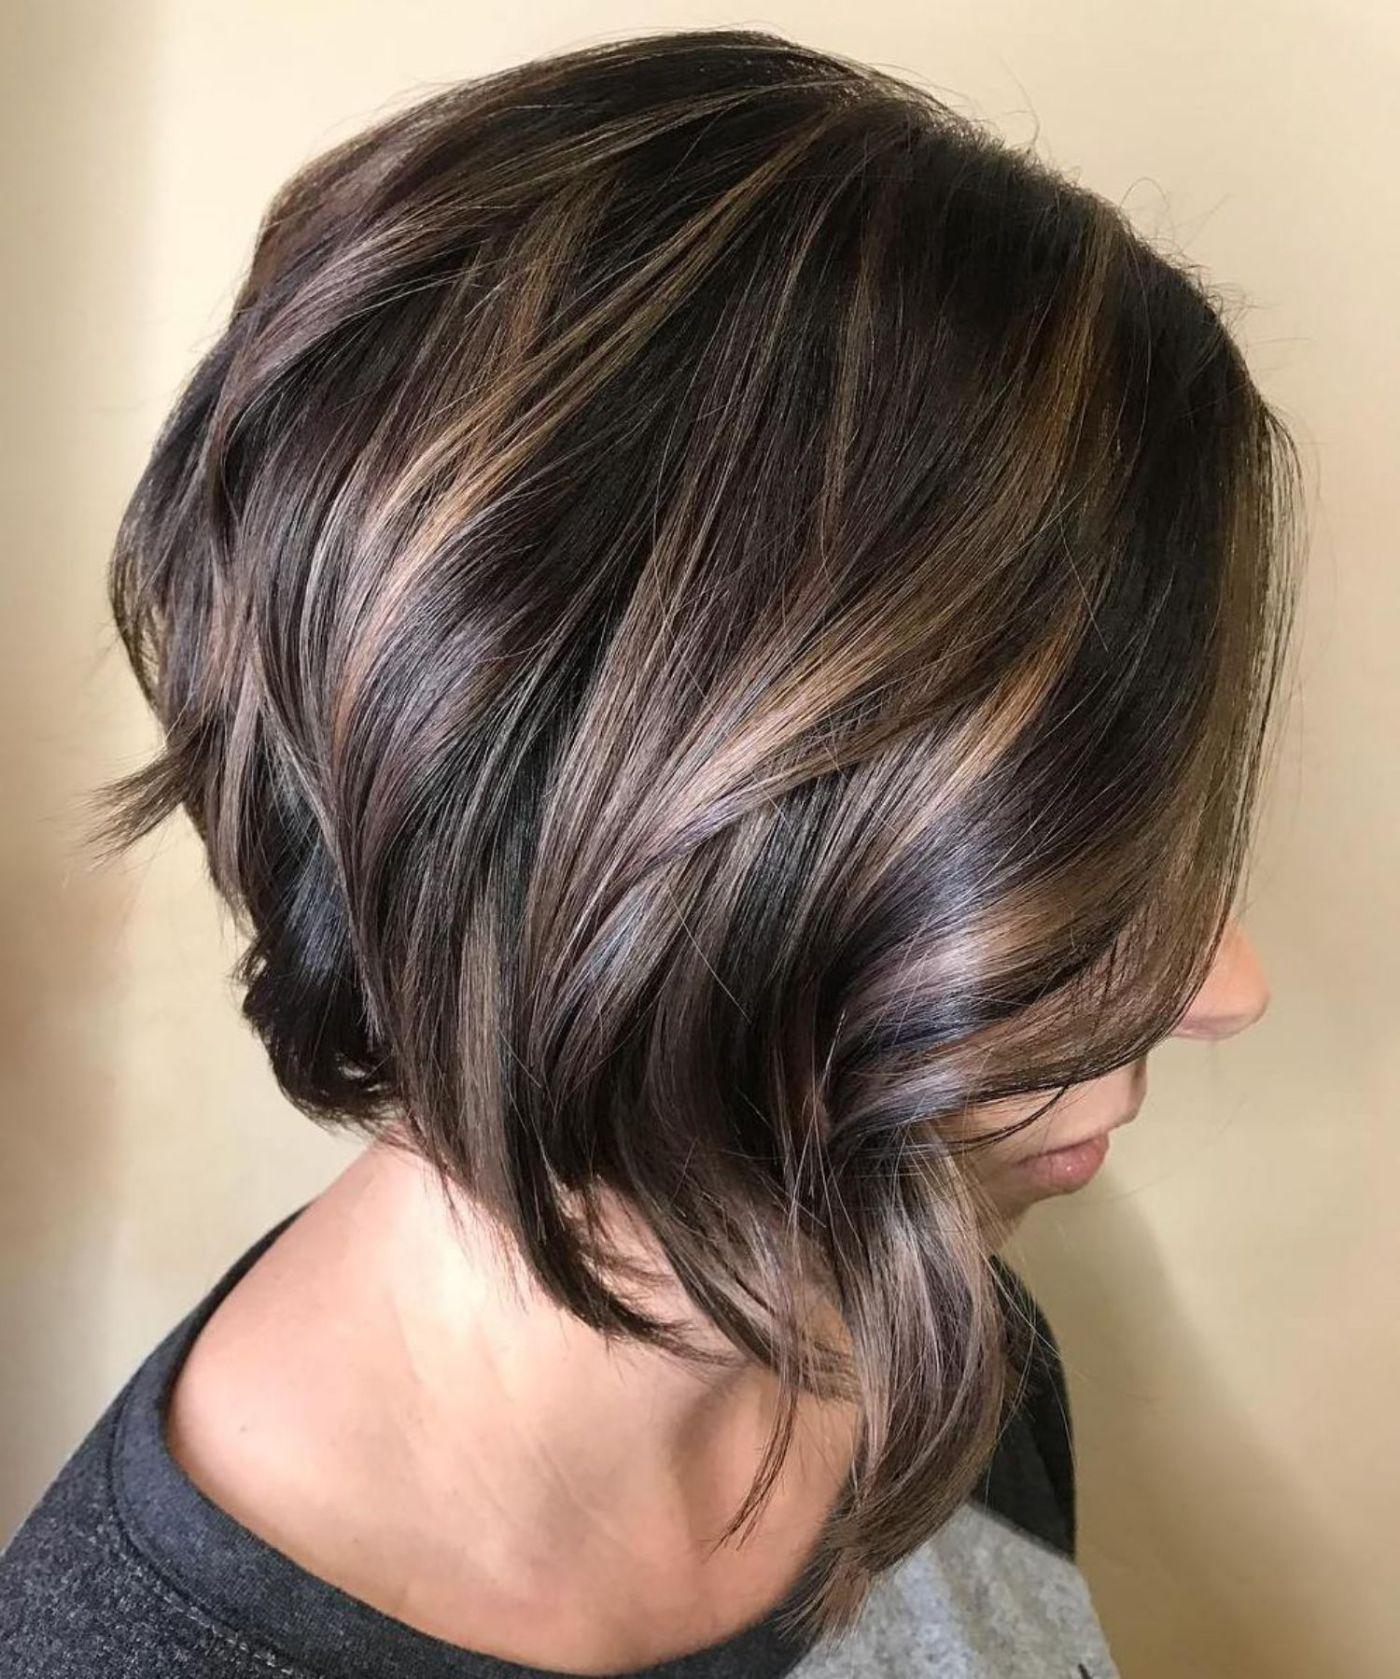 Fabuloso llevar el cabello corto !!!!